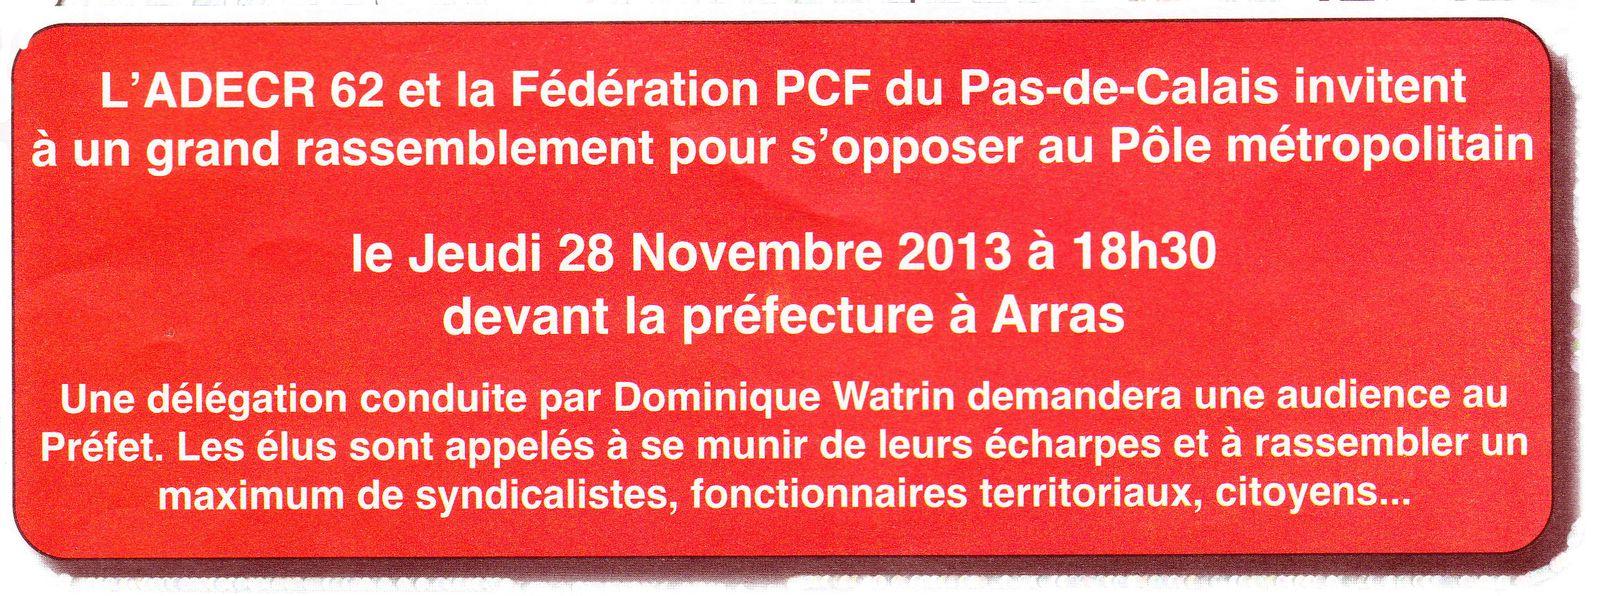 Rassemblement ce jeudi devant la préfecture à Arras